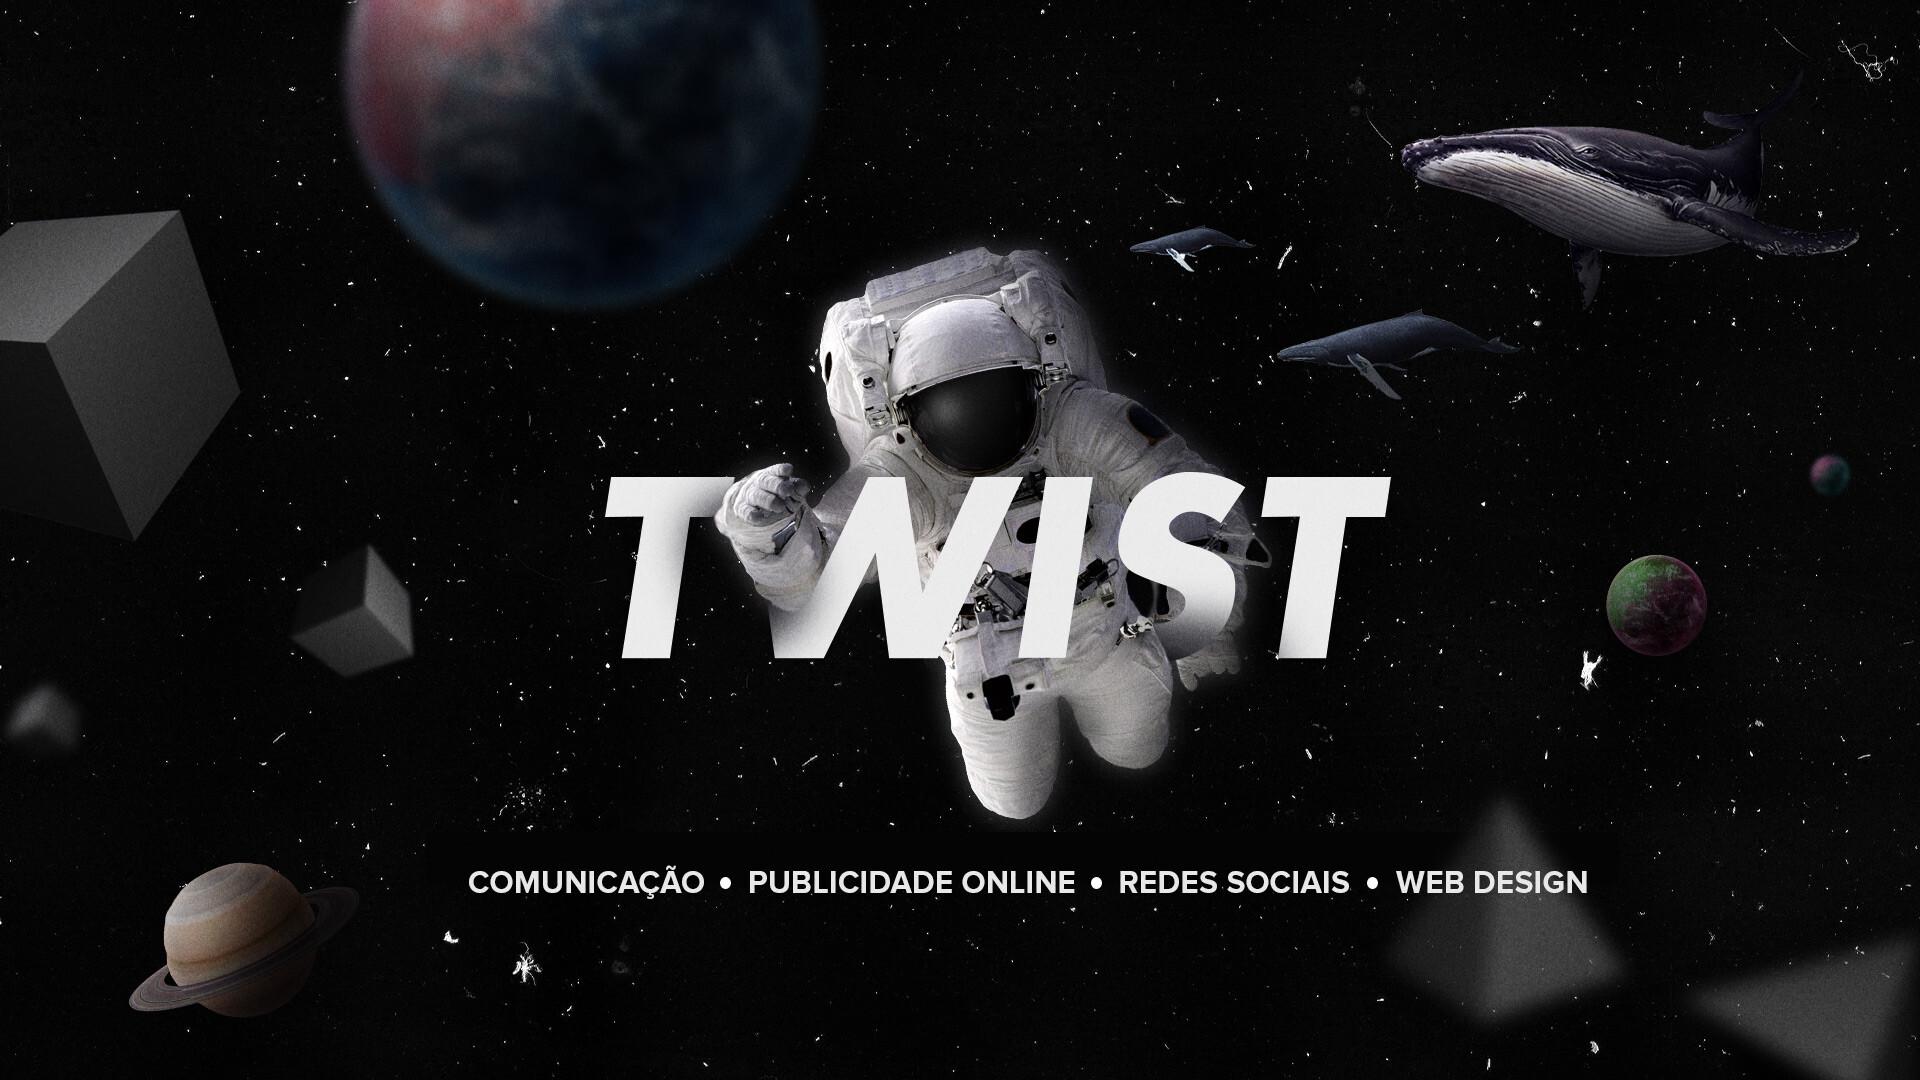 twist online banner